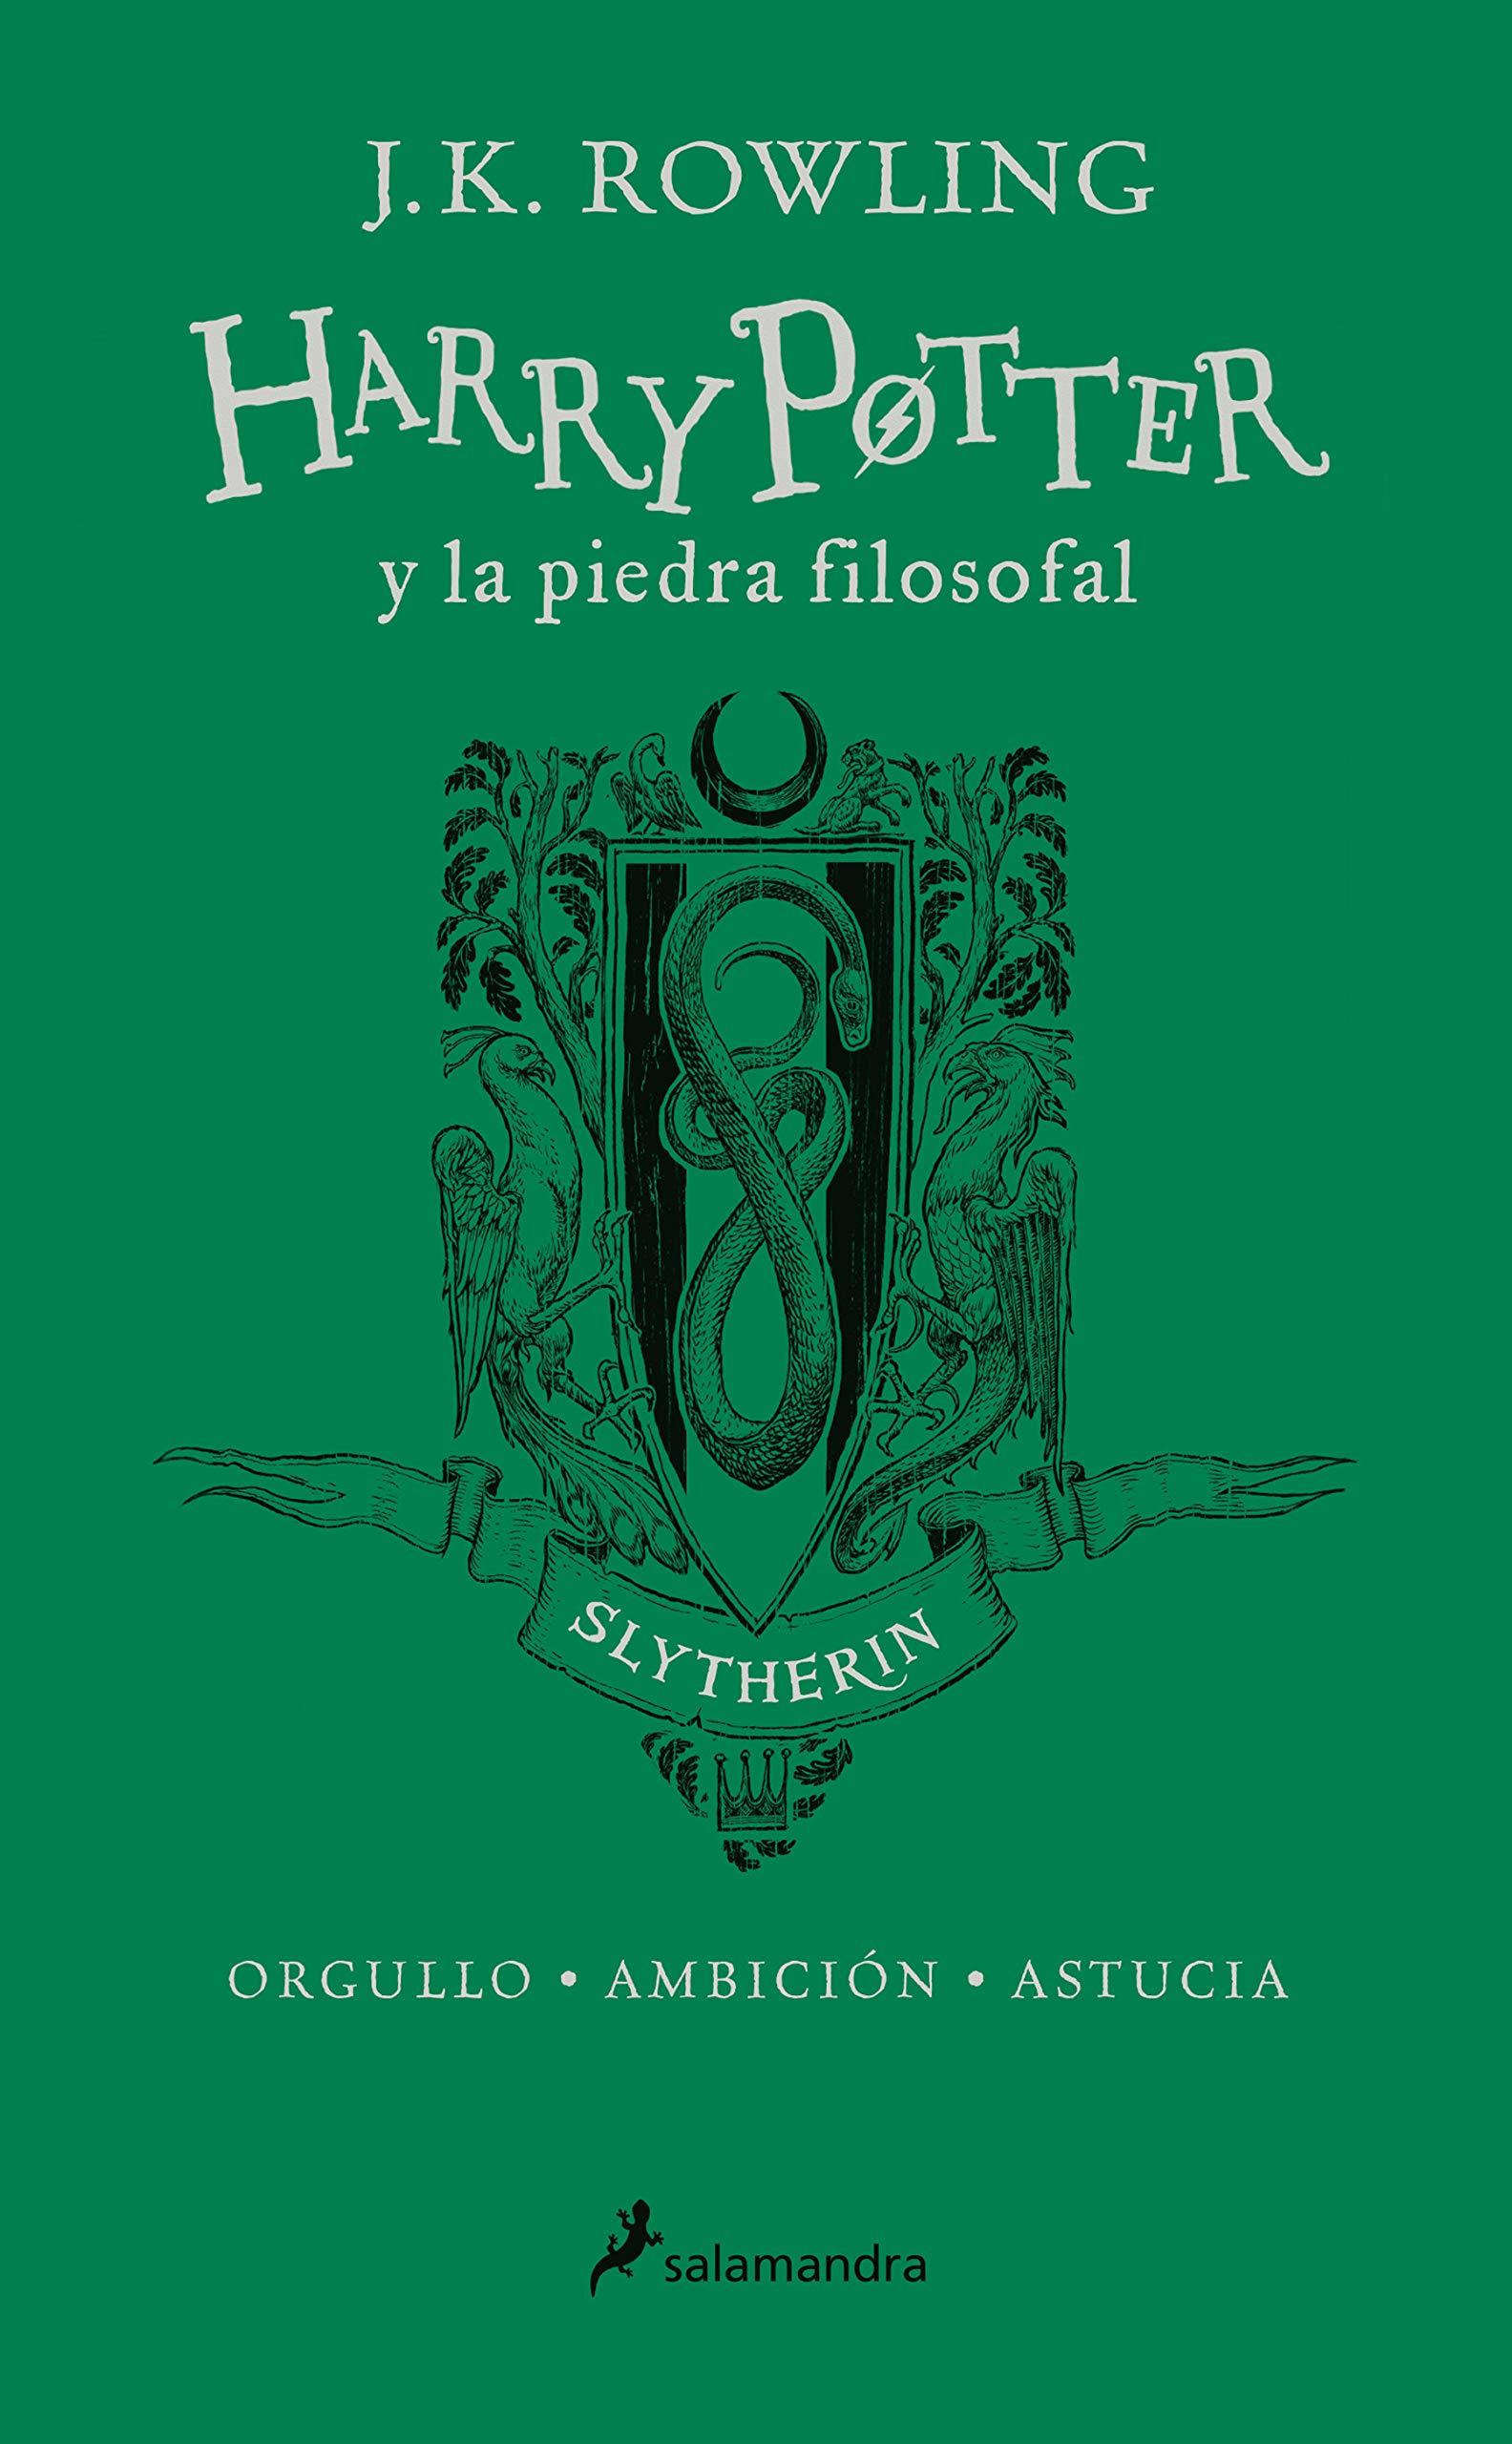 HP y la piedra filosofal-20 aniv-Slytherin: Orgullo · Ambición ...